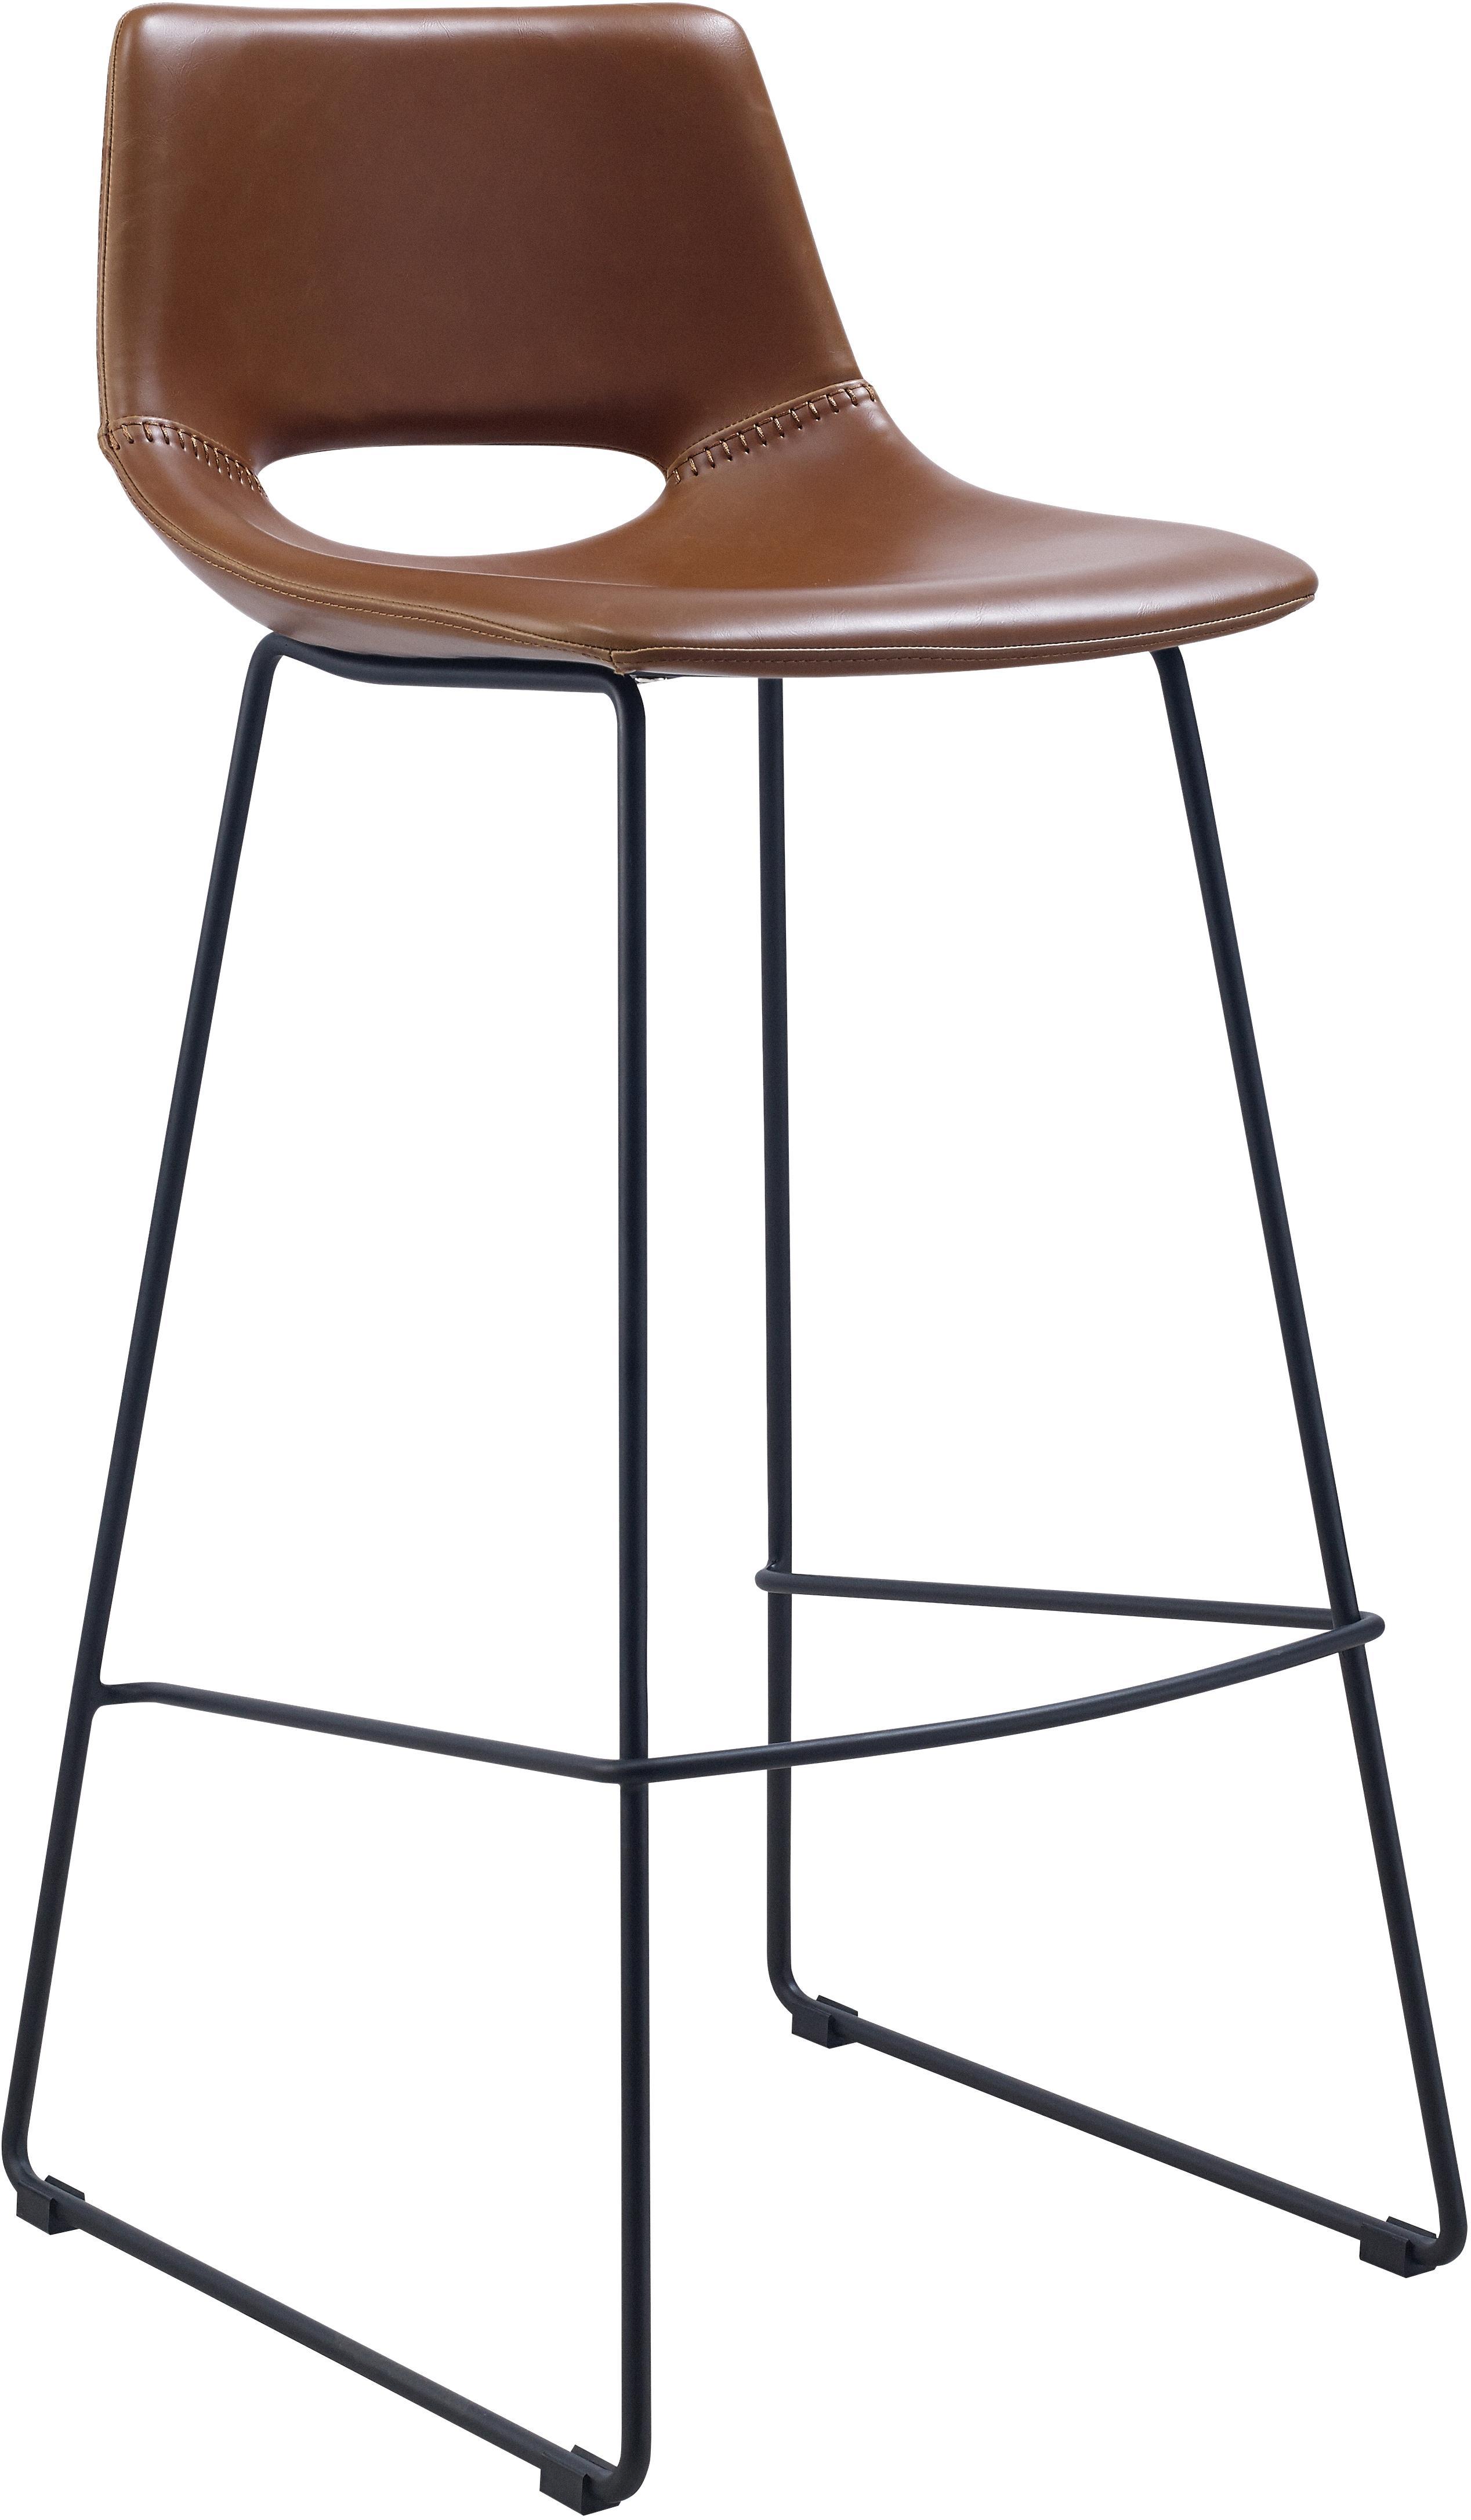 Sedie da bar in similpelle Zahara, 2 pz., Seduta: similpelle, Gambe: metallo verniciato, Marrone, Larg. 47 x Alt. 98 cm